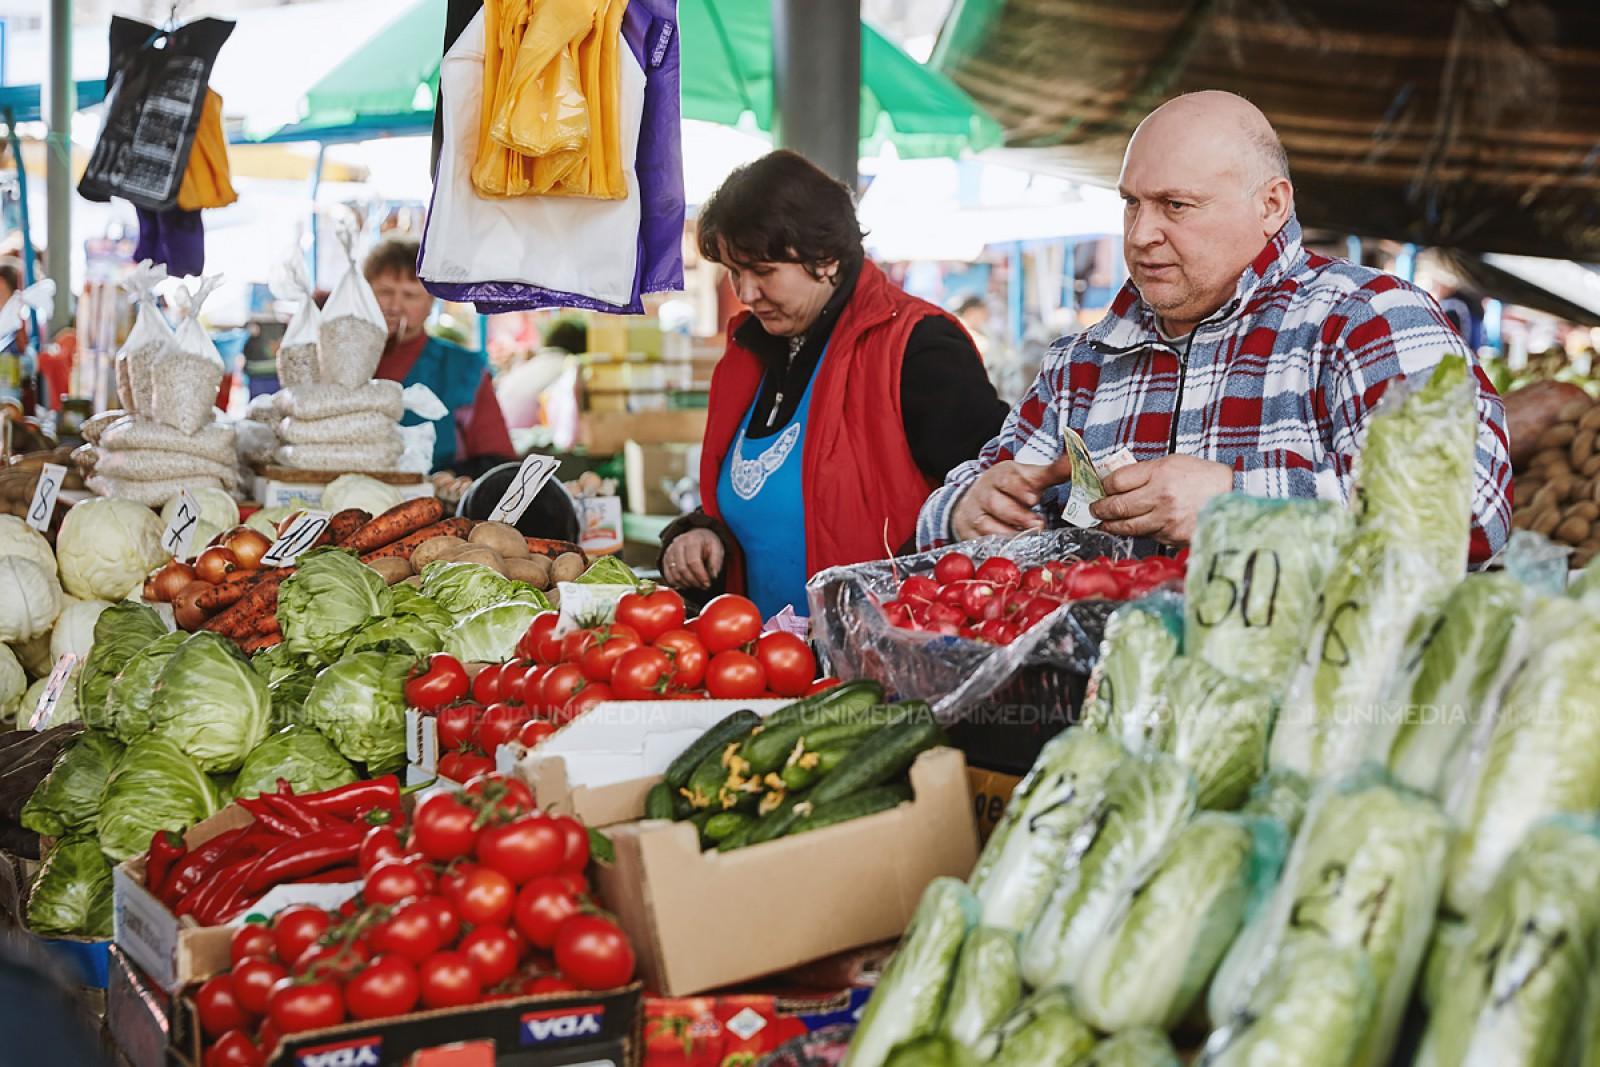 În capitală vor fi organizate iarmaroace pentru comercializarea produselor agricole. Locurile unde vor fi amplasate